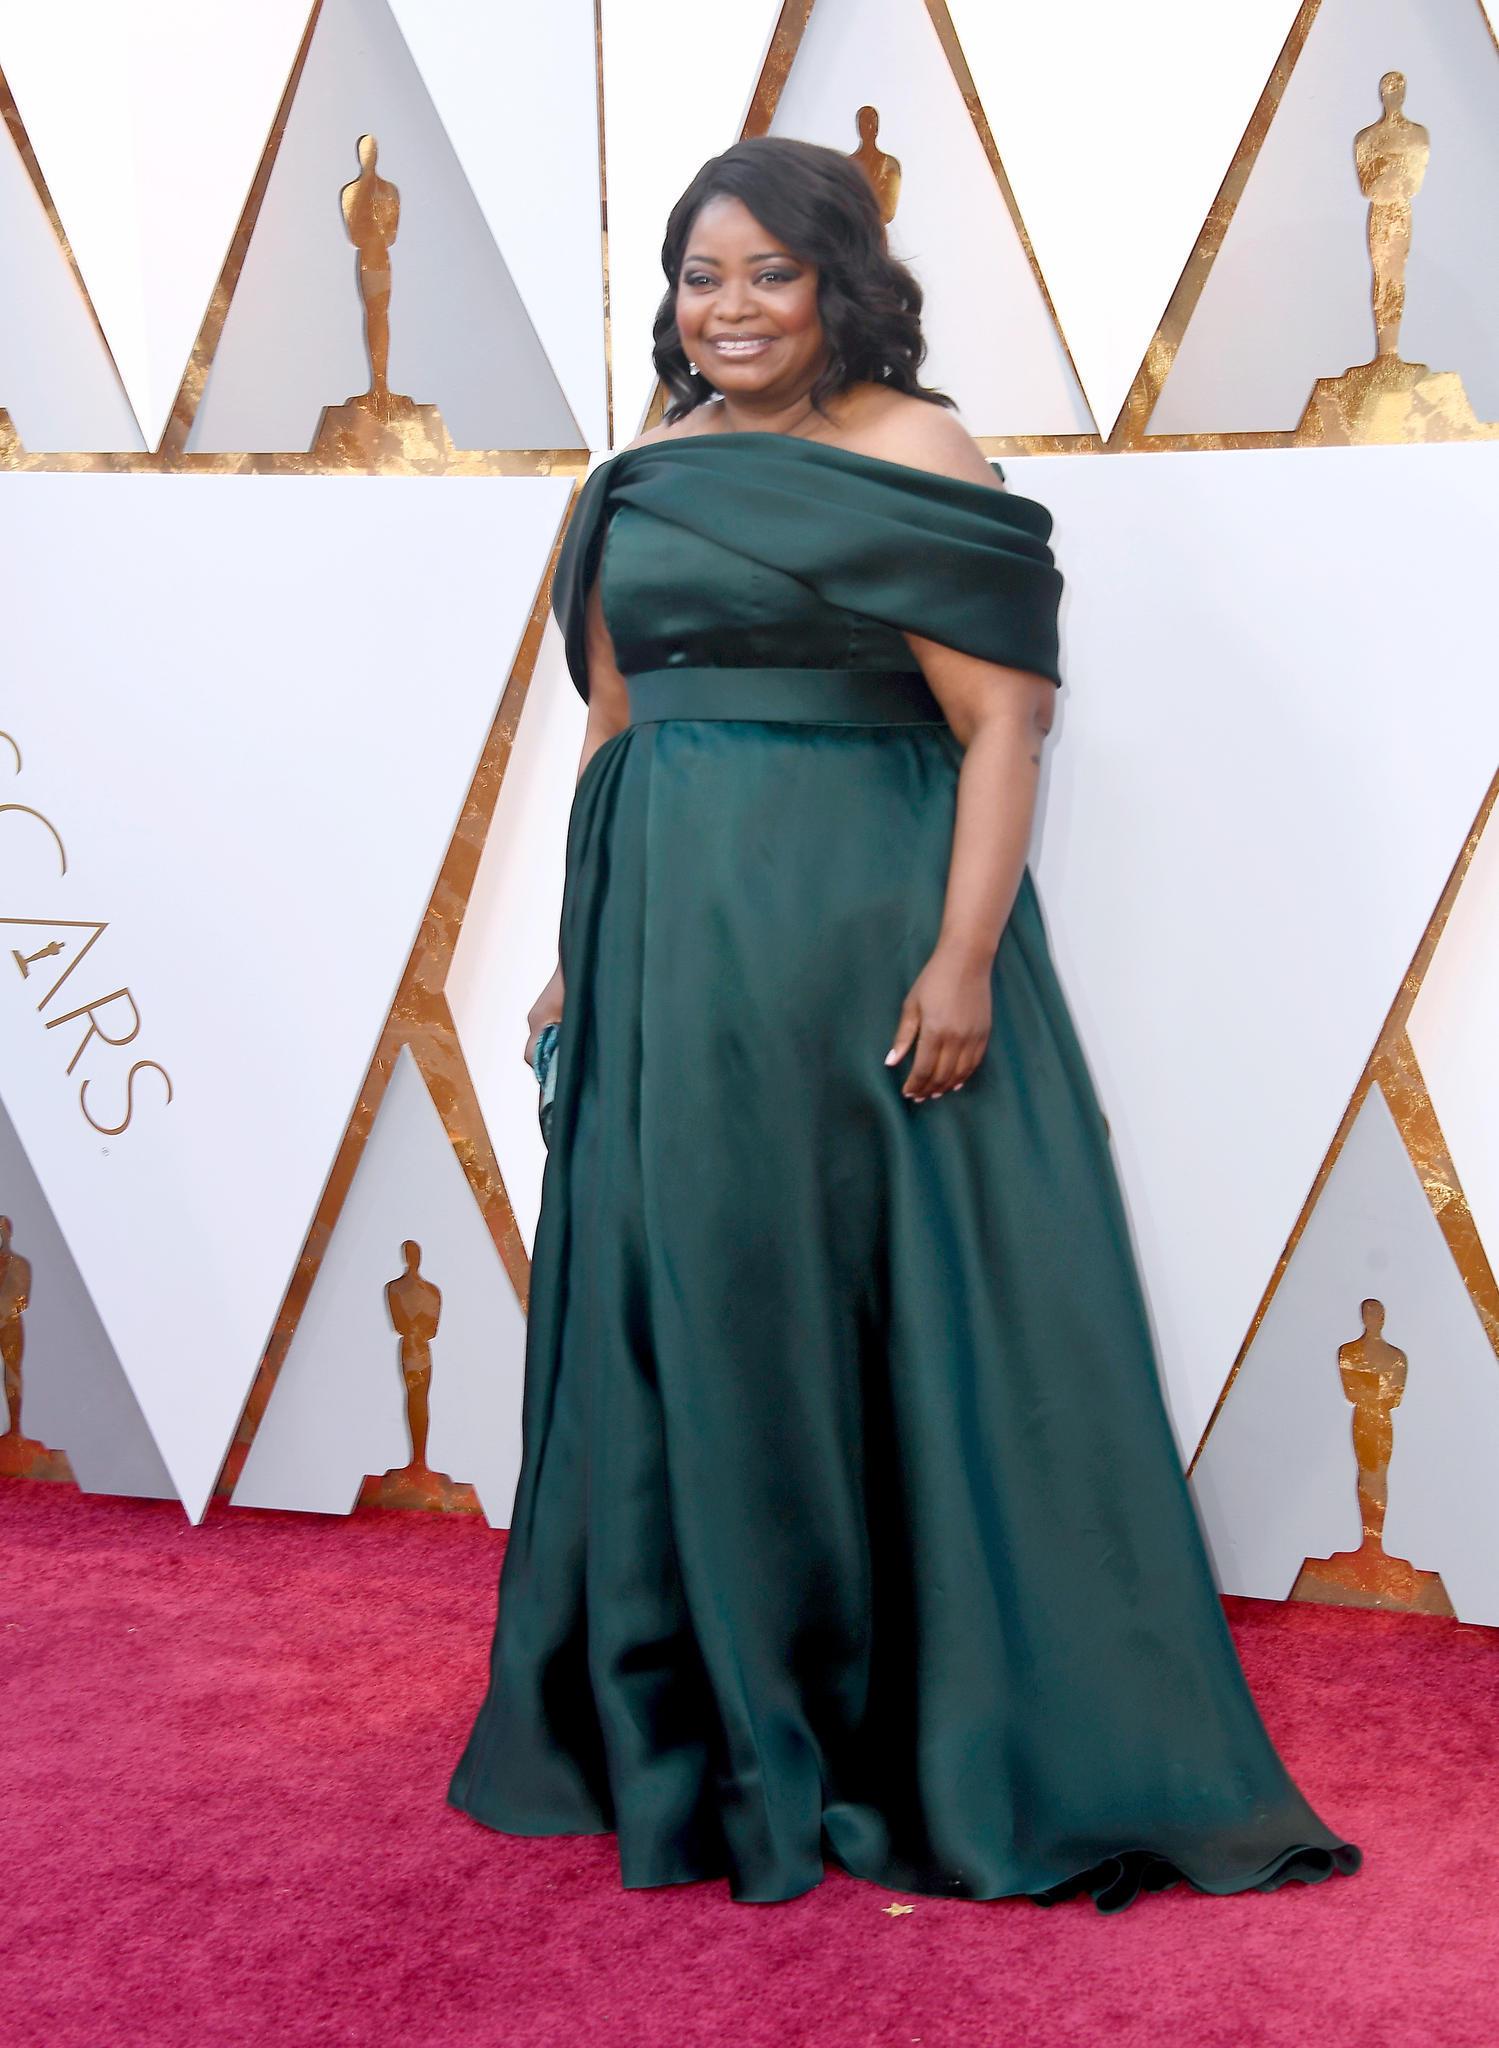 Kein Wunder, dass Octavia Spencer so strahlt. Das petrolfarbene Kleid sieht fantastisch an ihr aus.